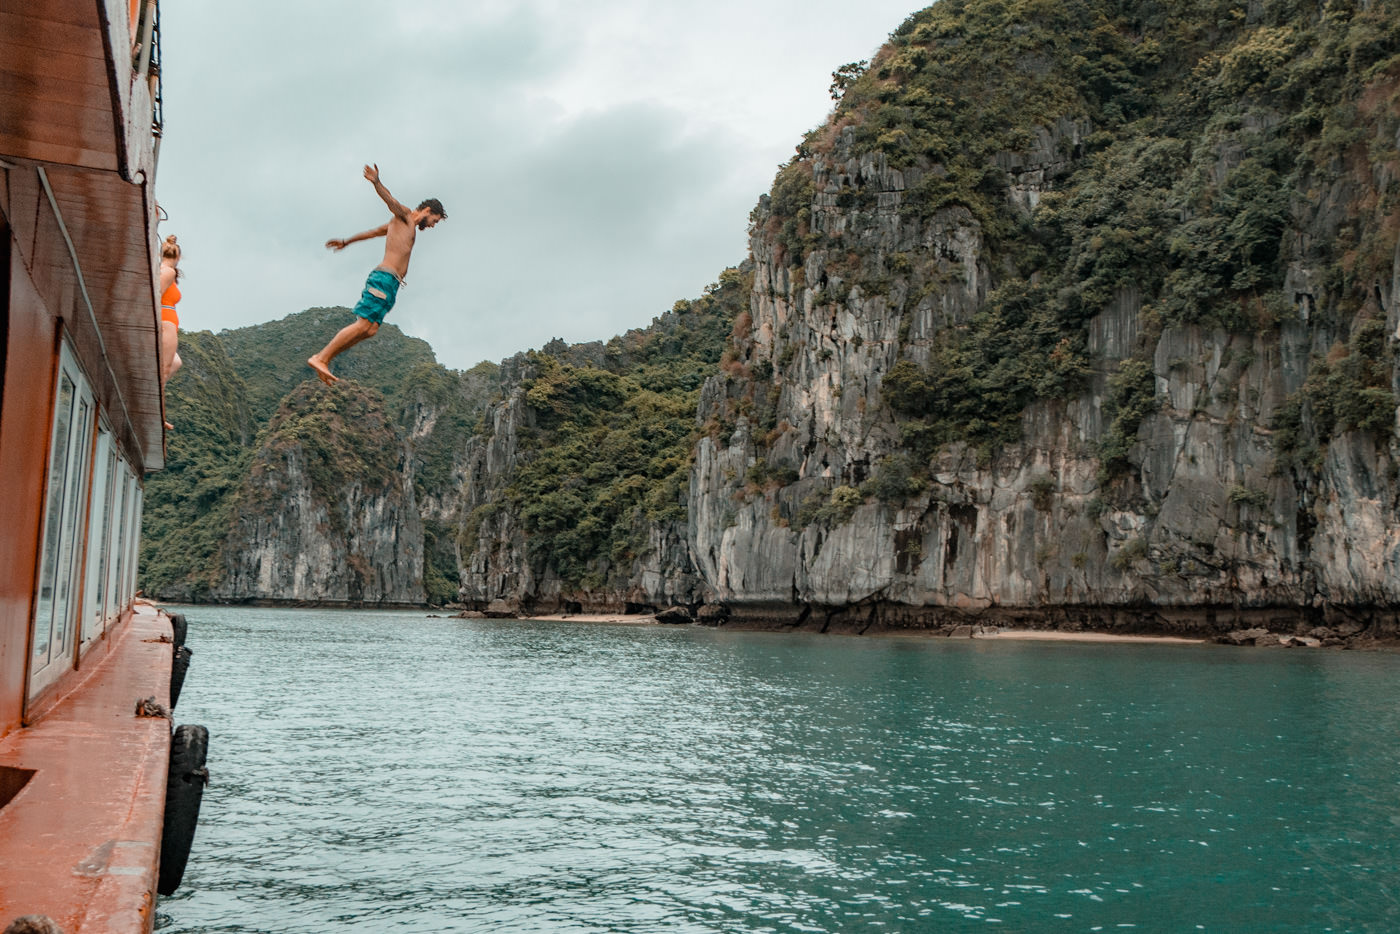 Matthias springt vom Boot in der Halong Bucht, Vietnam